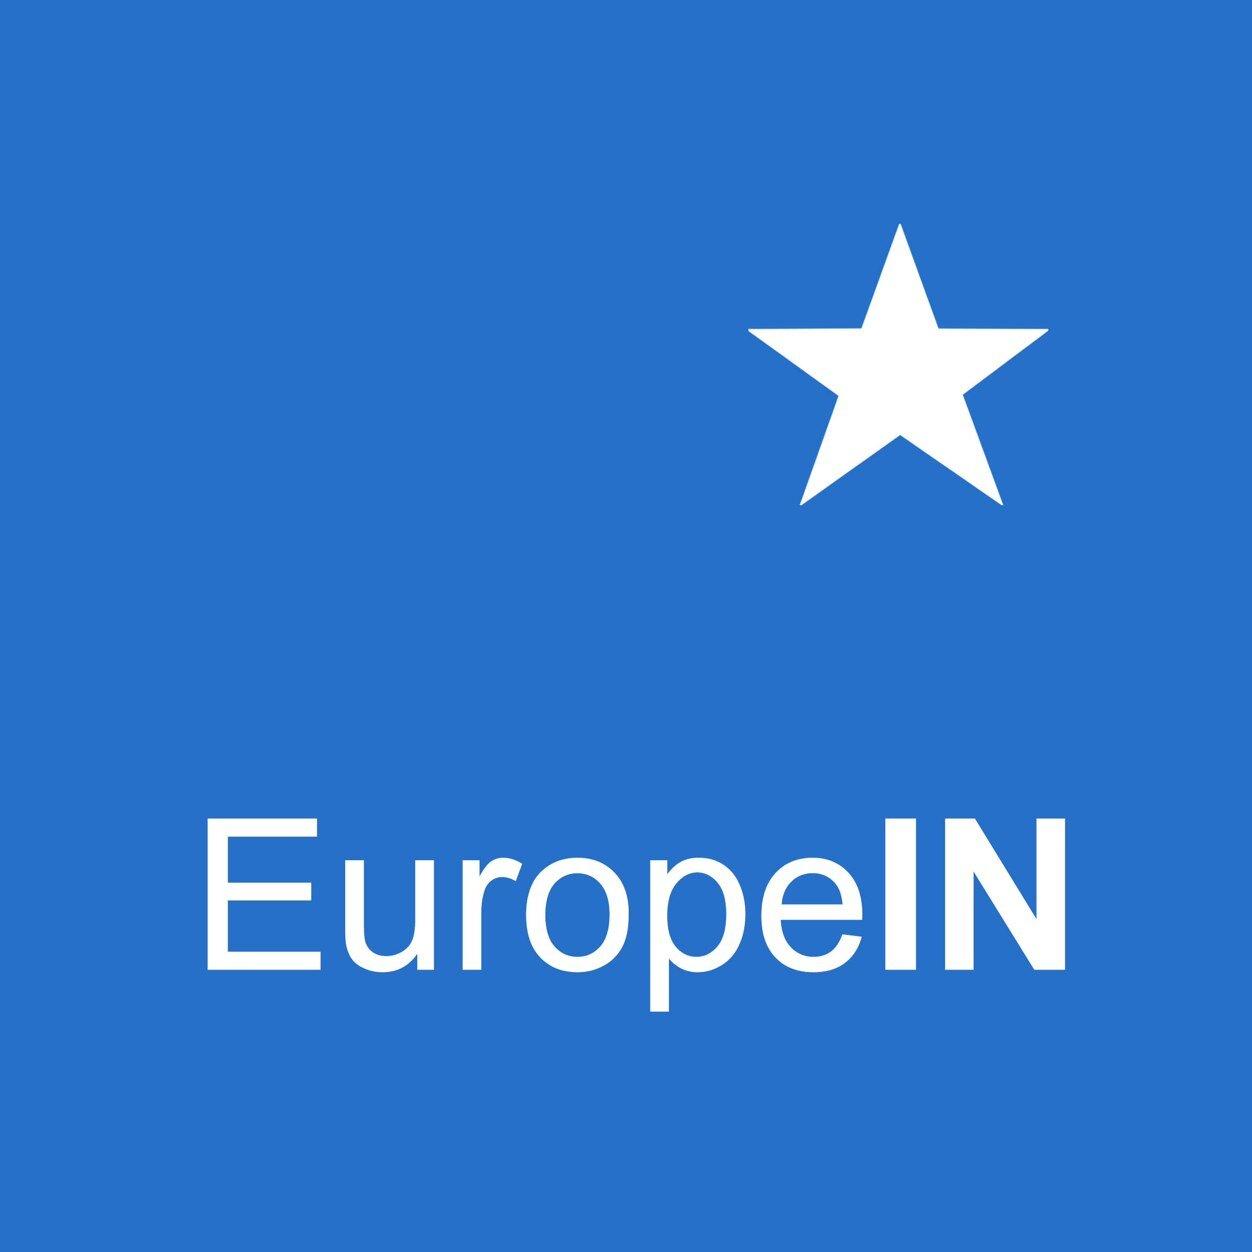 Droiders retransmite en directo cómo es una reunión de la Comisión Europea